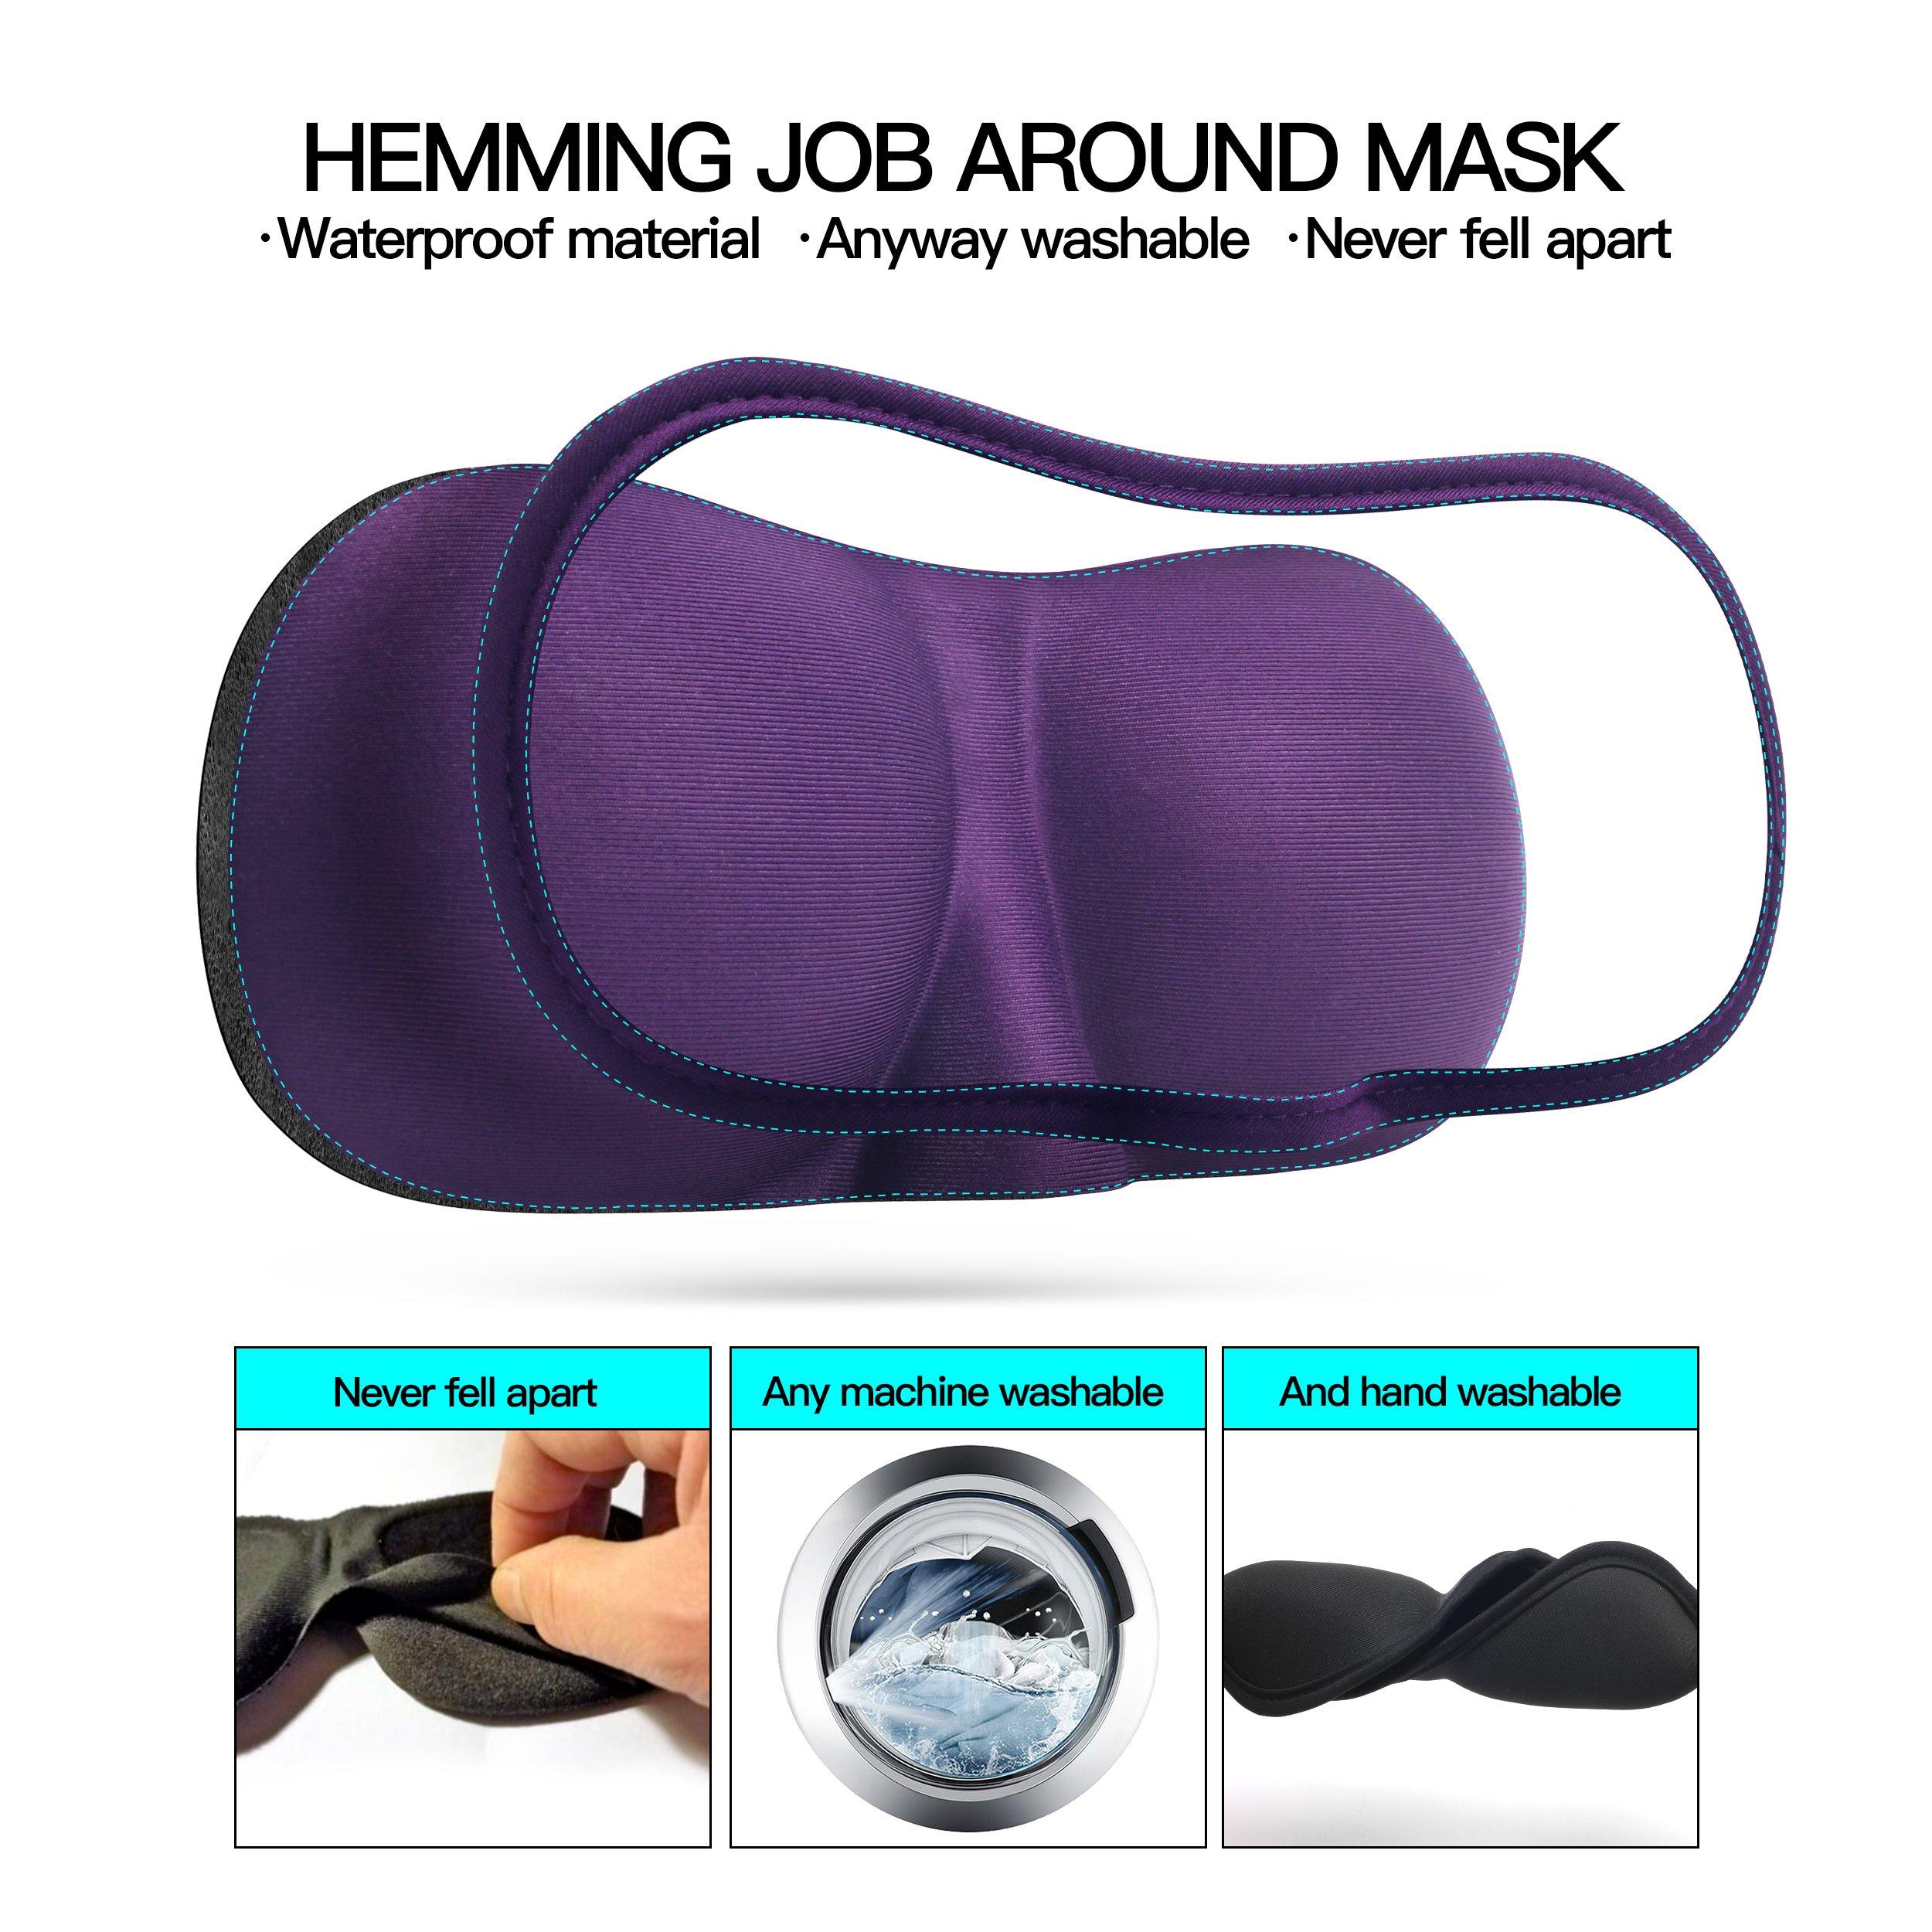 .3D Sleep Mask (Any machineable New Design 2 Pack) Eye Mask for Sleeping Locking Light 100%-Never Broken - Blindfold Airplane mask- Night Blinder Eyeshade for Men Women by leeken (Image #3)